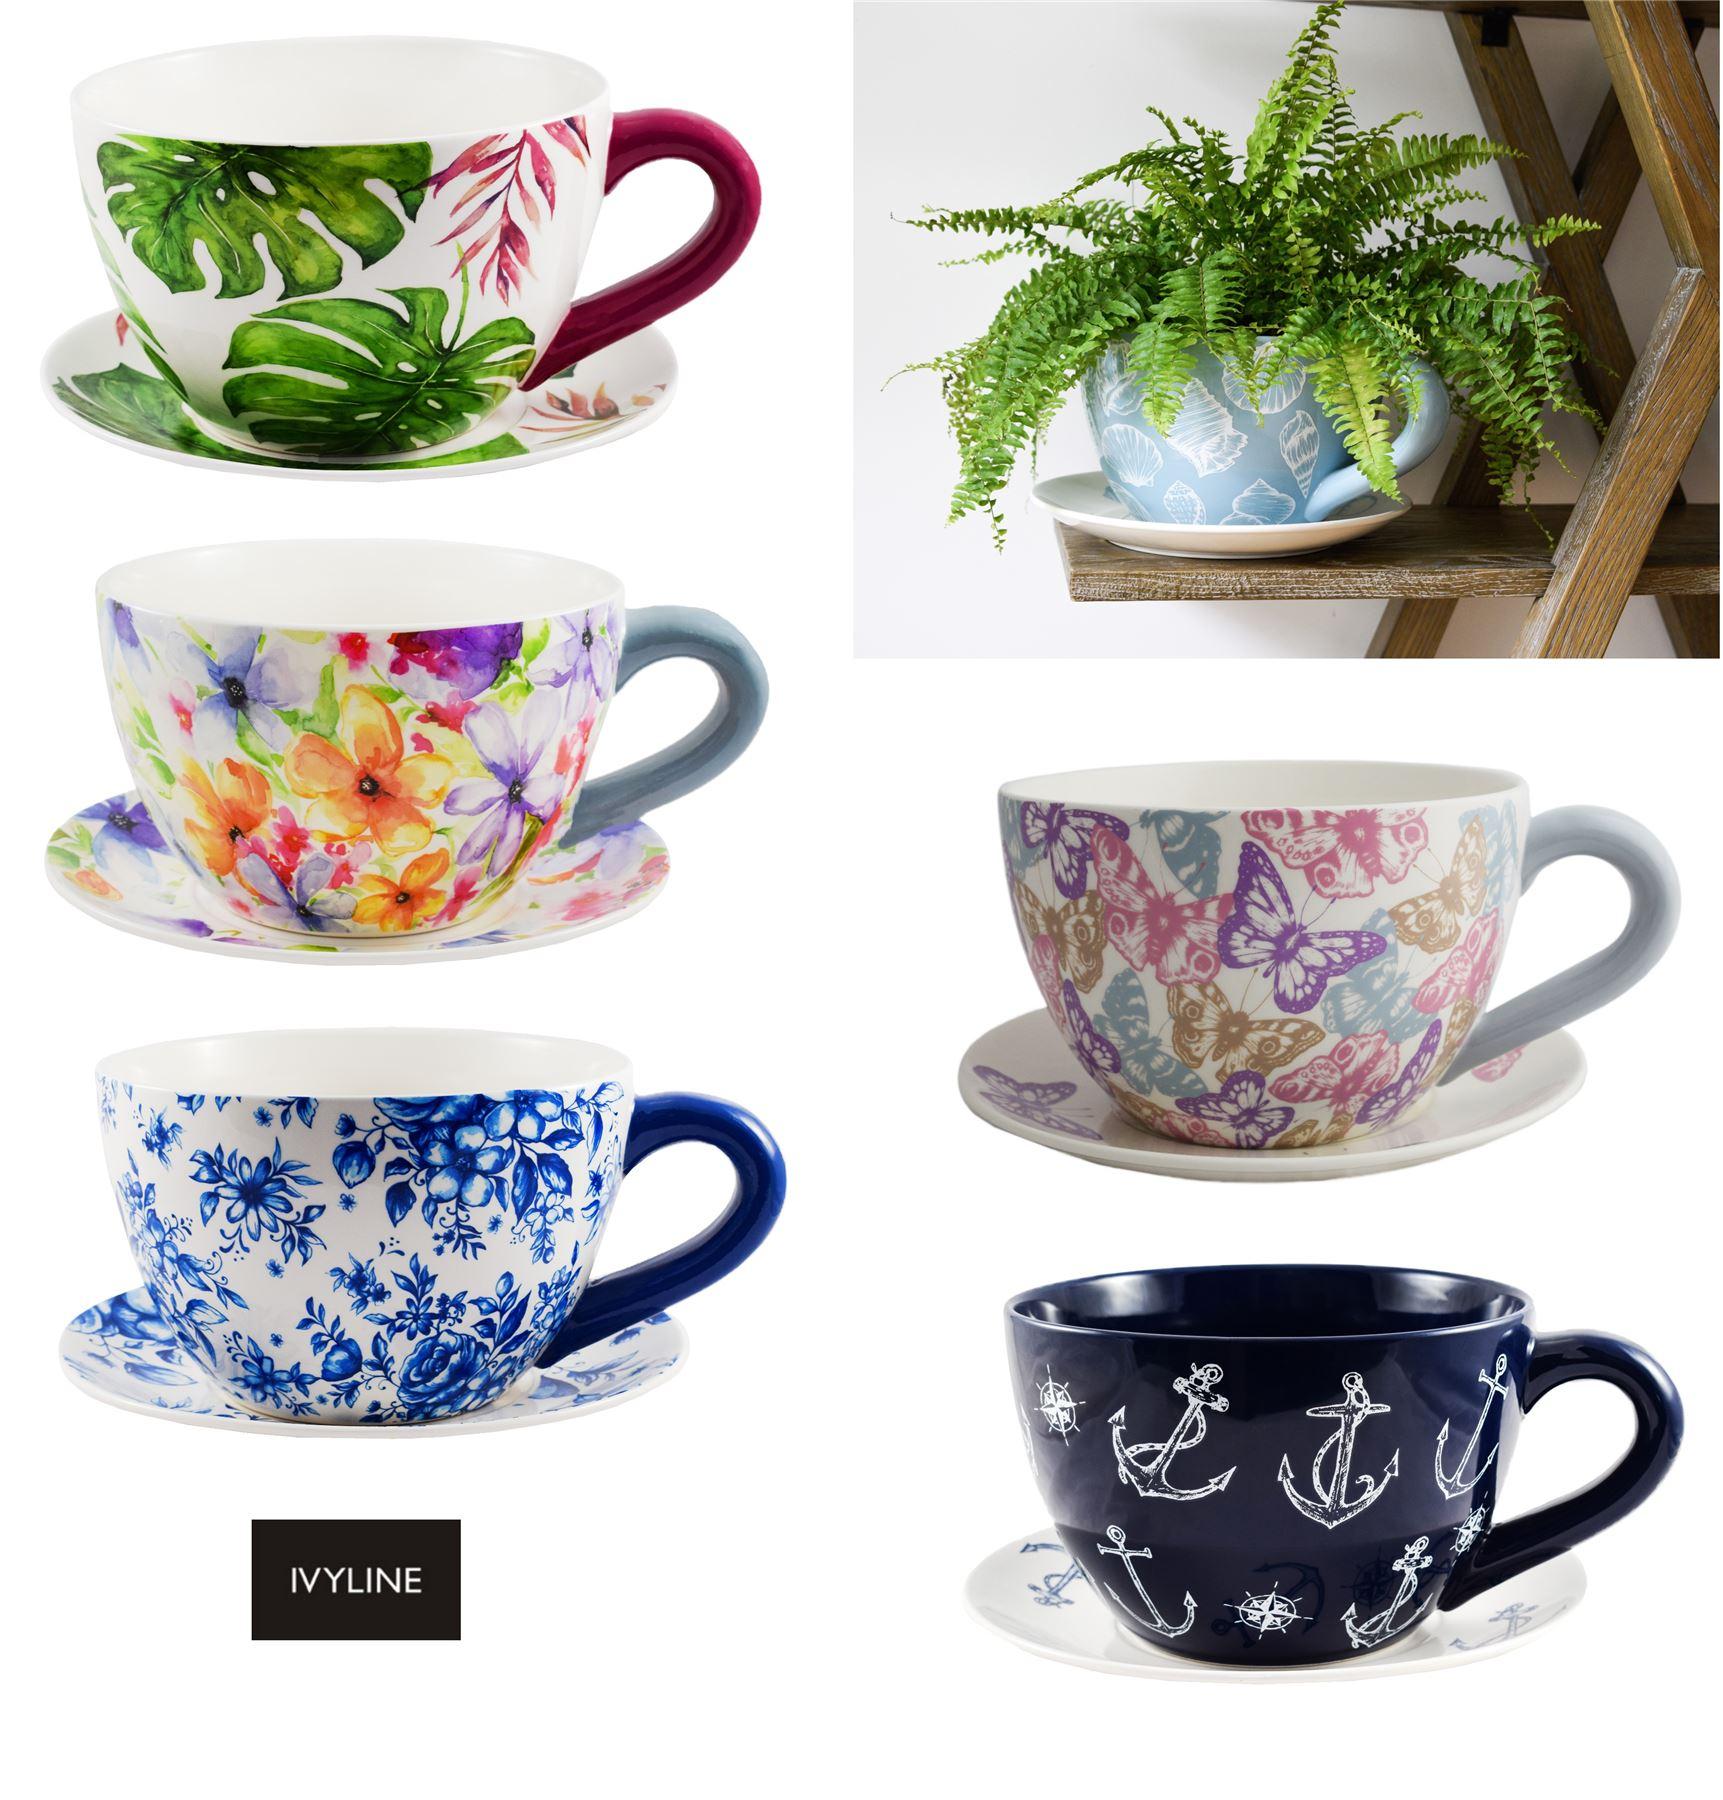 100 Incroyable Idées Tasse Pot De Fleur